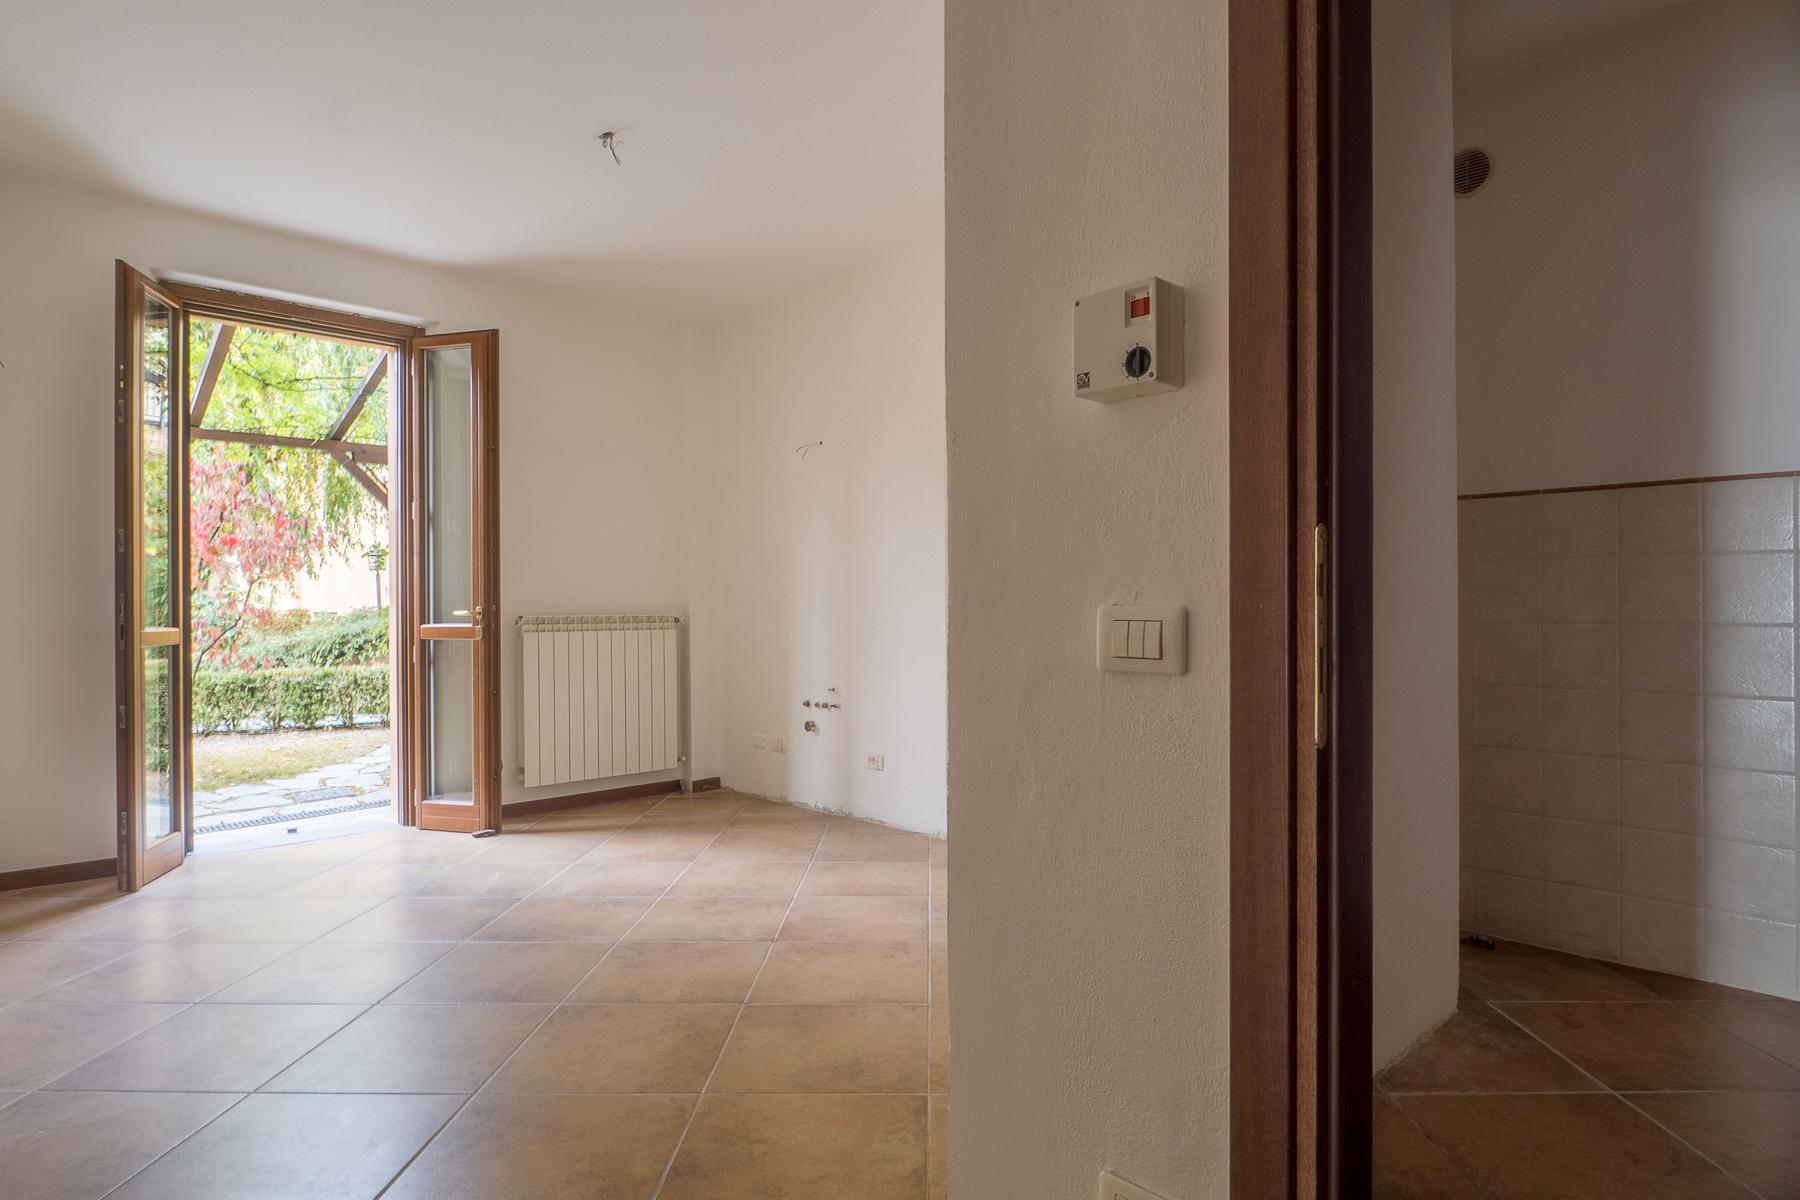 Appartamento in Vendita a Vignale Monferrato: 5 locali, 300 mq - Foto 9